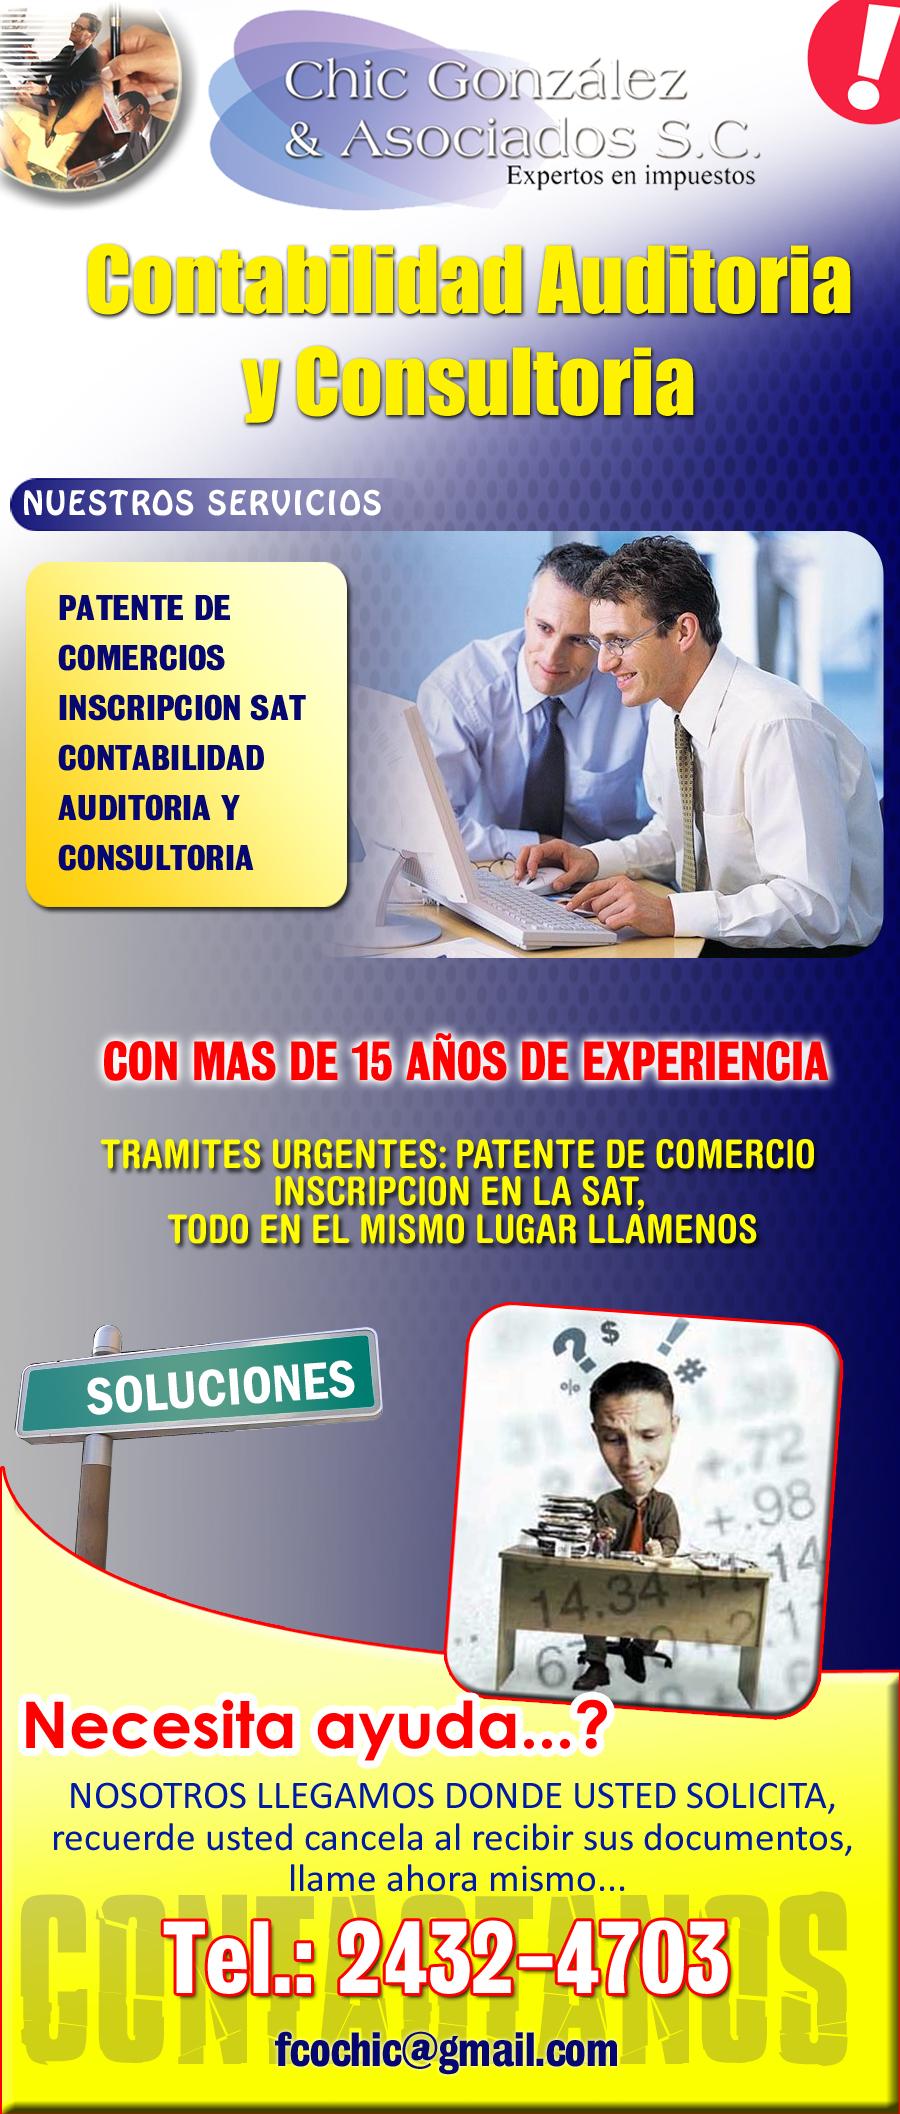 TRAMITES EN GUATEMALA PARA INSCRIBIR NEGOCIOS EN LA SAT, COMO INSCRIBIR NEGOCIOS ANTE LA SAT, CUALES SON LOS REQUISITOS,  PATENTE DE COMERCIO, COMO LEGALIZAR NEGOCIOS EN GUATEMALA, inscribir negocios en guatemala, si necesita incribir negocios en guatemala, nosotros hacemos tramites de patente de comercio, inscripcion sat, necesita incribir negocios vea todos los pasos para inscribir negocios en guatemala, como se inscribe un negocio en Guatemala, en guatemala inscribir un negocio es tan facil, solo tienen que llamarnos, inscripcion de negocios en guatemala, como hago para la inscripcion de un negocio en guatemala, tramites e inscripciones de negocios en Guatemala, TRAMITE DE INSCRIPCION DE NEGOCIOS EN GUATEMALA, REGISTROS DE NEGOCIOS, PATENTES DE COMERCIOS, NECESITO TRAMITAR PATENTE DE COMERCIO, NECESITO LEGALIZAR NEGOCIO EN GUATEMALA, NECESITO SABER QUE REQUISITOS PARA SACAR PATENTE DE COMERCIO, PATENTE DE COMERCIO EN GUATEMALA, PATENTE DE SOCIEDAD EN GUATEMALA, EJEMPLO DE LA PATENTE DE COMERCIO EN GUATEMALA, PATENTE DE COEMRCIO DE EMPRESA, PATENTE DE COMERCIO DE SOCIEDADES MERCATILES, COMO REGISTRAR EMPRESA EN GUATEMALA, COMO SE INSCRIBE UN NEGOCIO NUEVO EN GUATEMALA, TRAMITES PARA ESTABLECER NEGOCIOS EN GUATEMALA, COMO SE REGISTRAN NEGOCIOS EN GUATEMALA, CODIGO DE COMERCIO EN GUATEMALA, DE ACUERDO AL CODIGO DE COMERCIO LAS EMPRESAS EN GUATEMALA DEBEN ESTAN INSCRITAS EN EL REGISTRO MERCANTIL DE LA REPUBLICA, CUANDO SE ESTABLECE NEGOCIO EN GUATEMAL SE NECESITA QUE SE TRAMITE PATENTE DE COMERCIO, PATENTE DE COMERCIO, QUE ES UNA PATENTE DE COMERCIO, TRAMITE DE PATENTE URGENTE, HECEMOS TRAMITES URGENTES DE PATENTE DE COMERCIO, QUIEN TRAMITA PATENTE DE COMERCIO EN GUATEMALA, SUPETINTENDENCIA DE ADMINISTRACION TRIBUTARIA SAT, SAT EN GUATEMALA, SUPERINTENDENCIA DE ADMINISTRACION TRIBUTARIA SAT, SAT EN GUATEMALA, NECESITO INSCRIBIR NEGOCIOS EN GUATEMALA, NECESITO INSCRIBIR MI NEGOCIO EN LA SAT, NECESITO HACER FACTURAS, NECESITO ASESORIA PARA INSCRIBIR NEGOCIOS EN GUATEMA